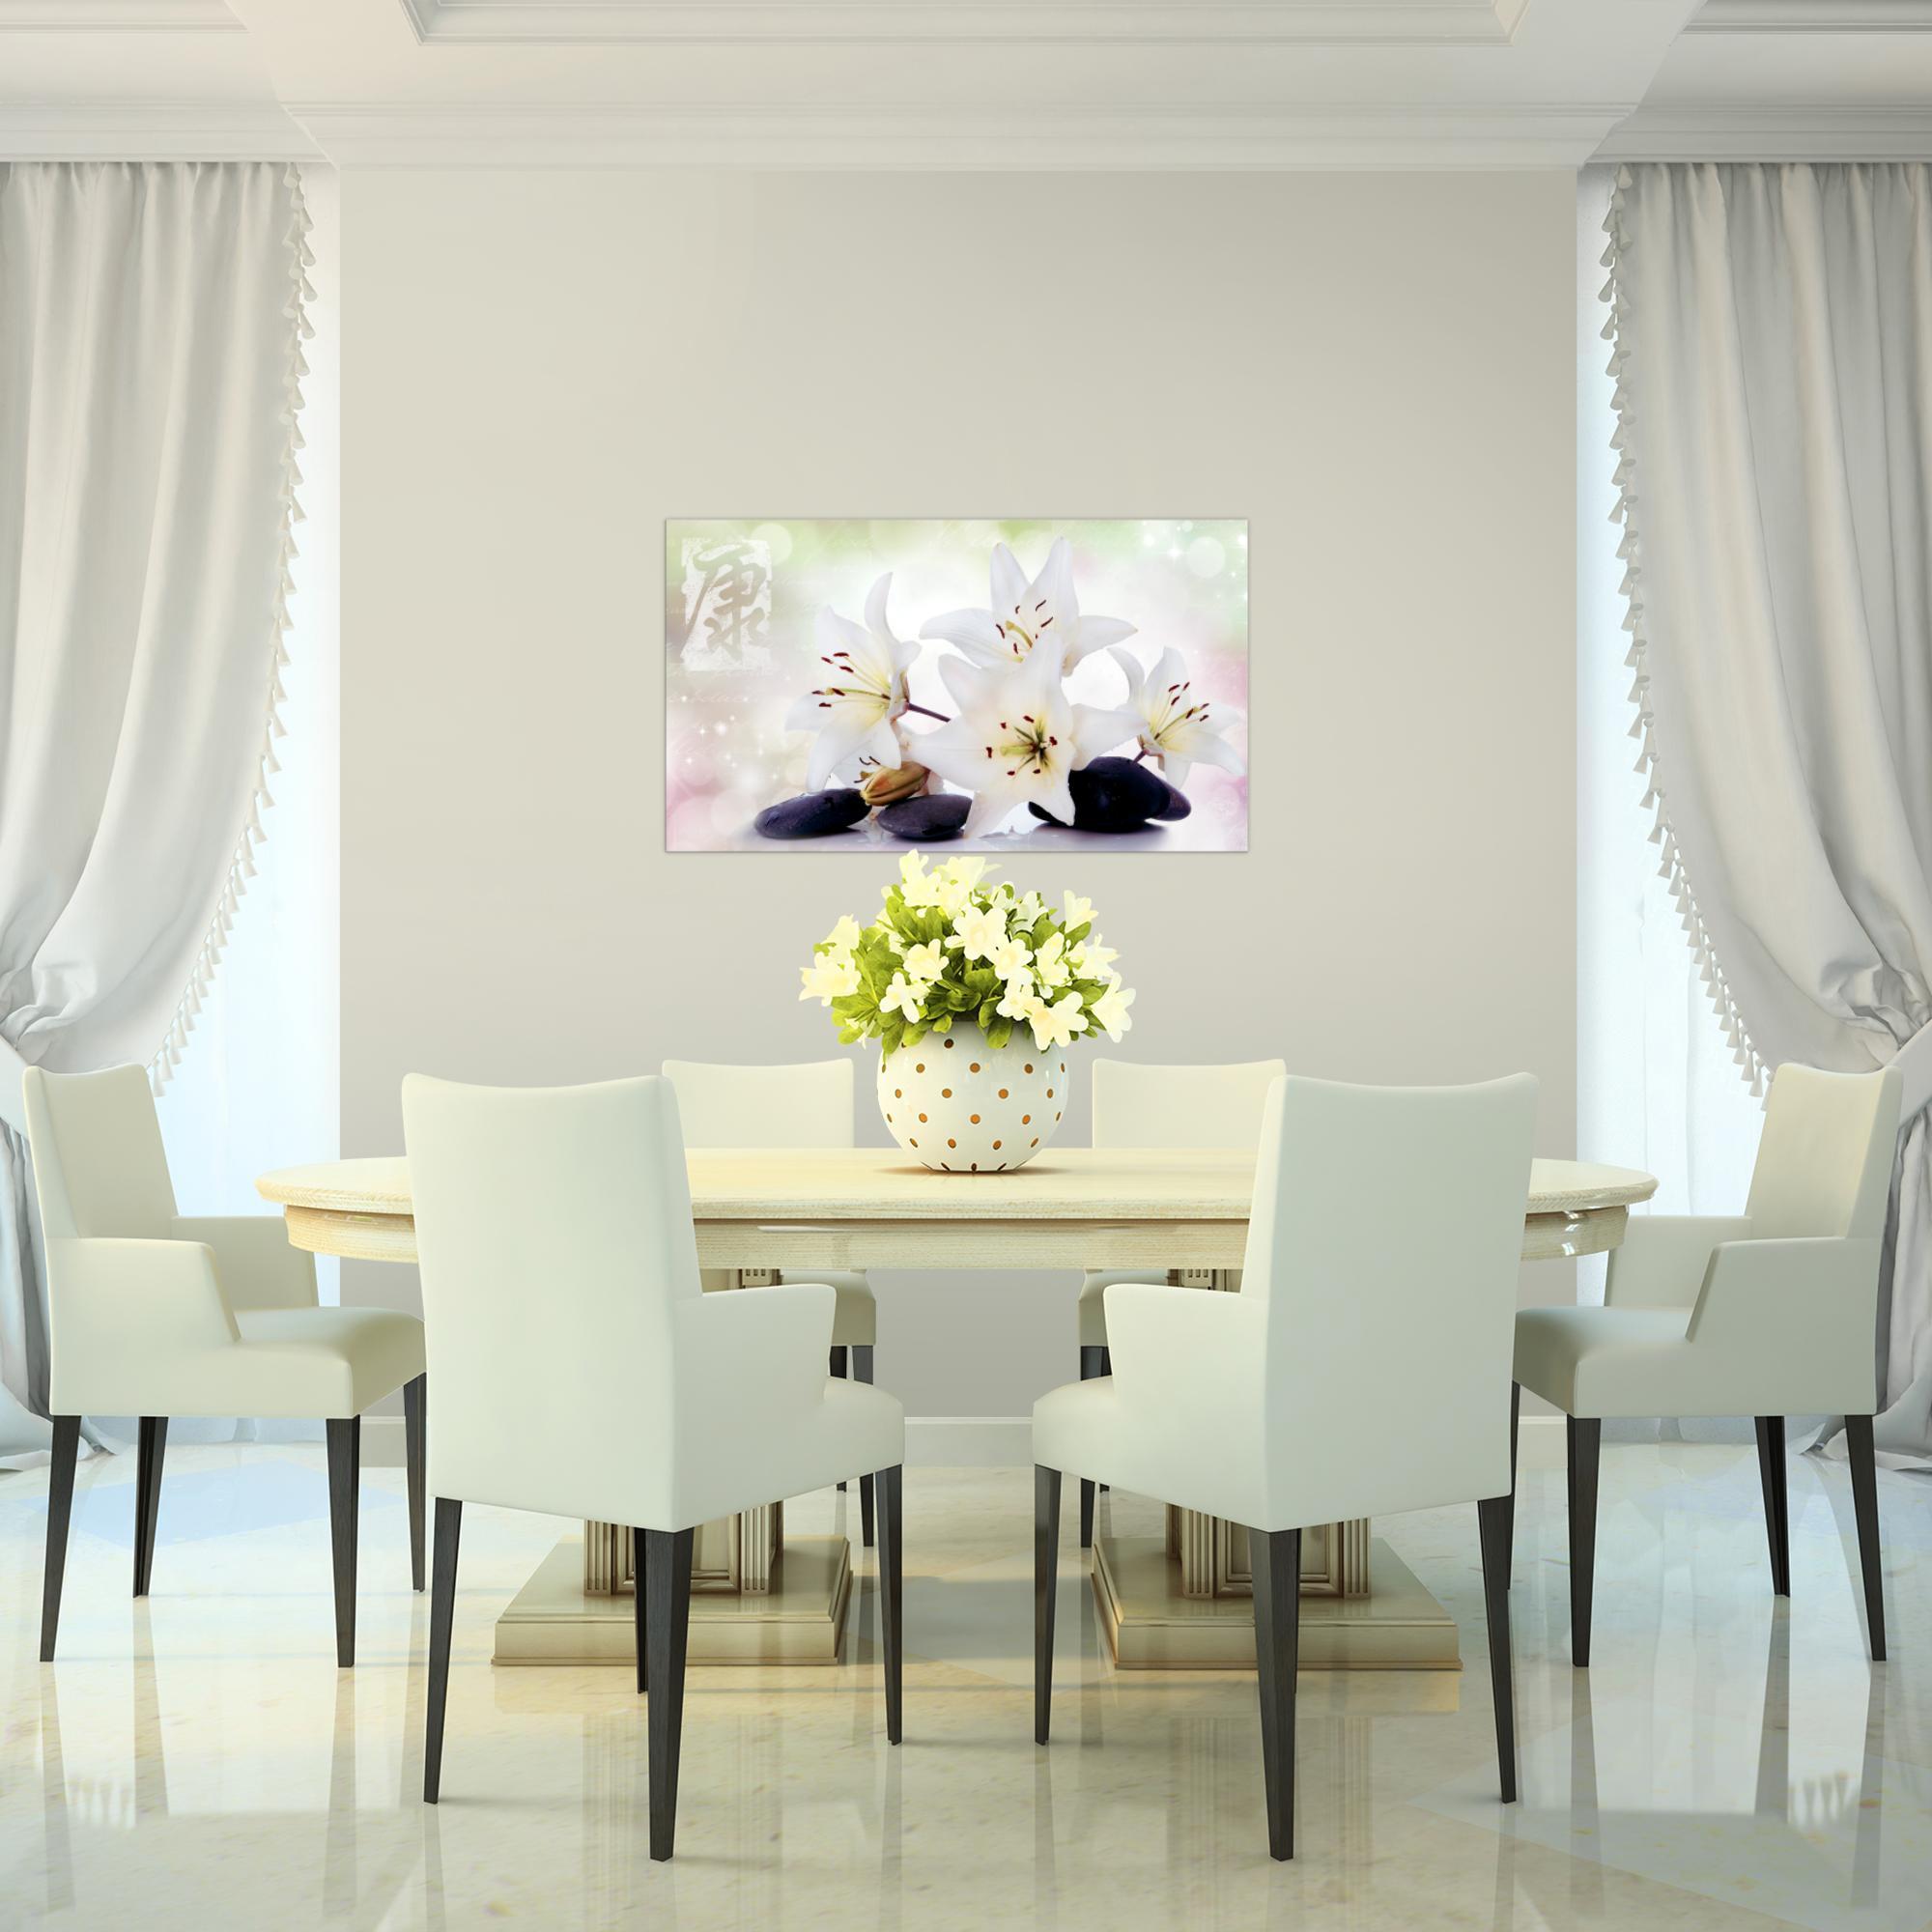 blumen lilien bild kunstdruck auf vlies leinwand xxl dekoration 022114p. Black Bedroom Furniture Sets. Home Design Ideas